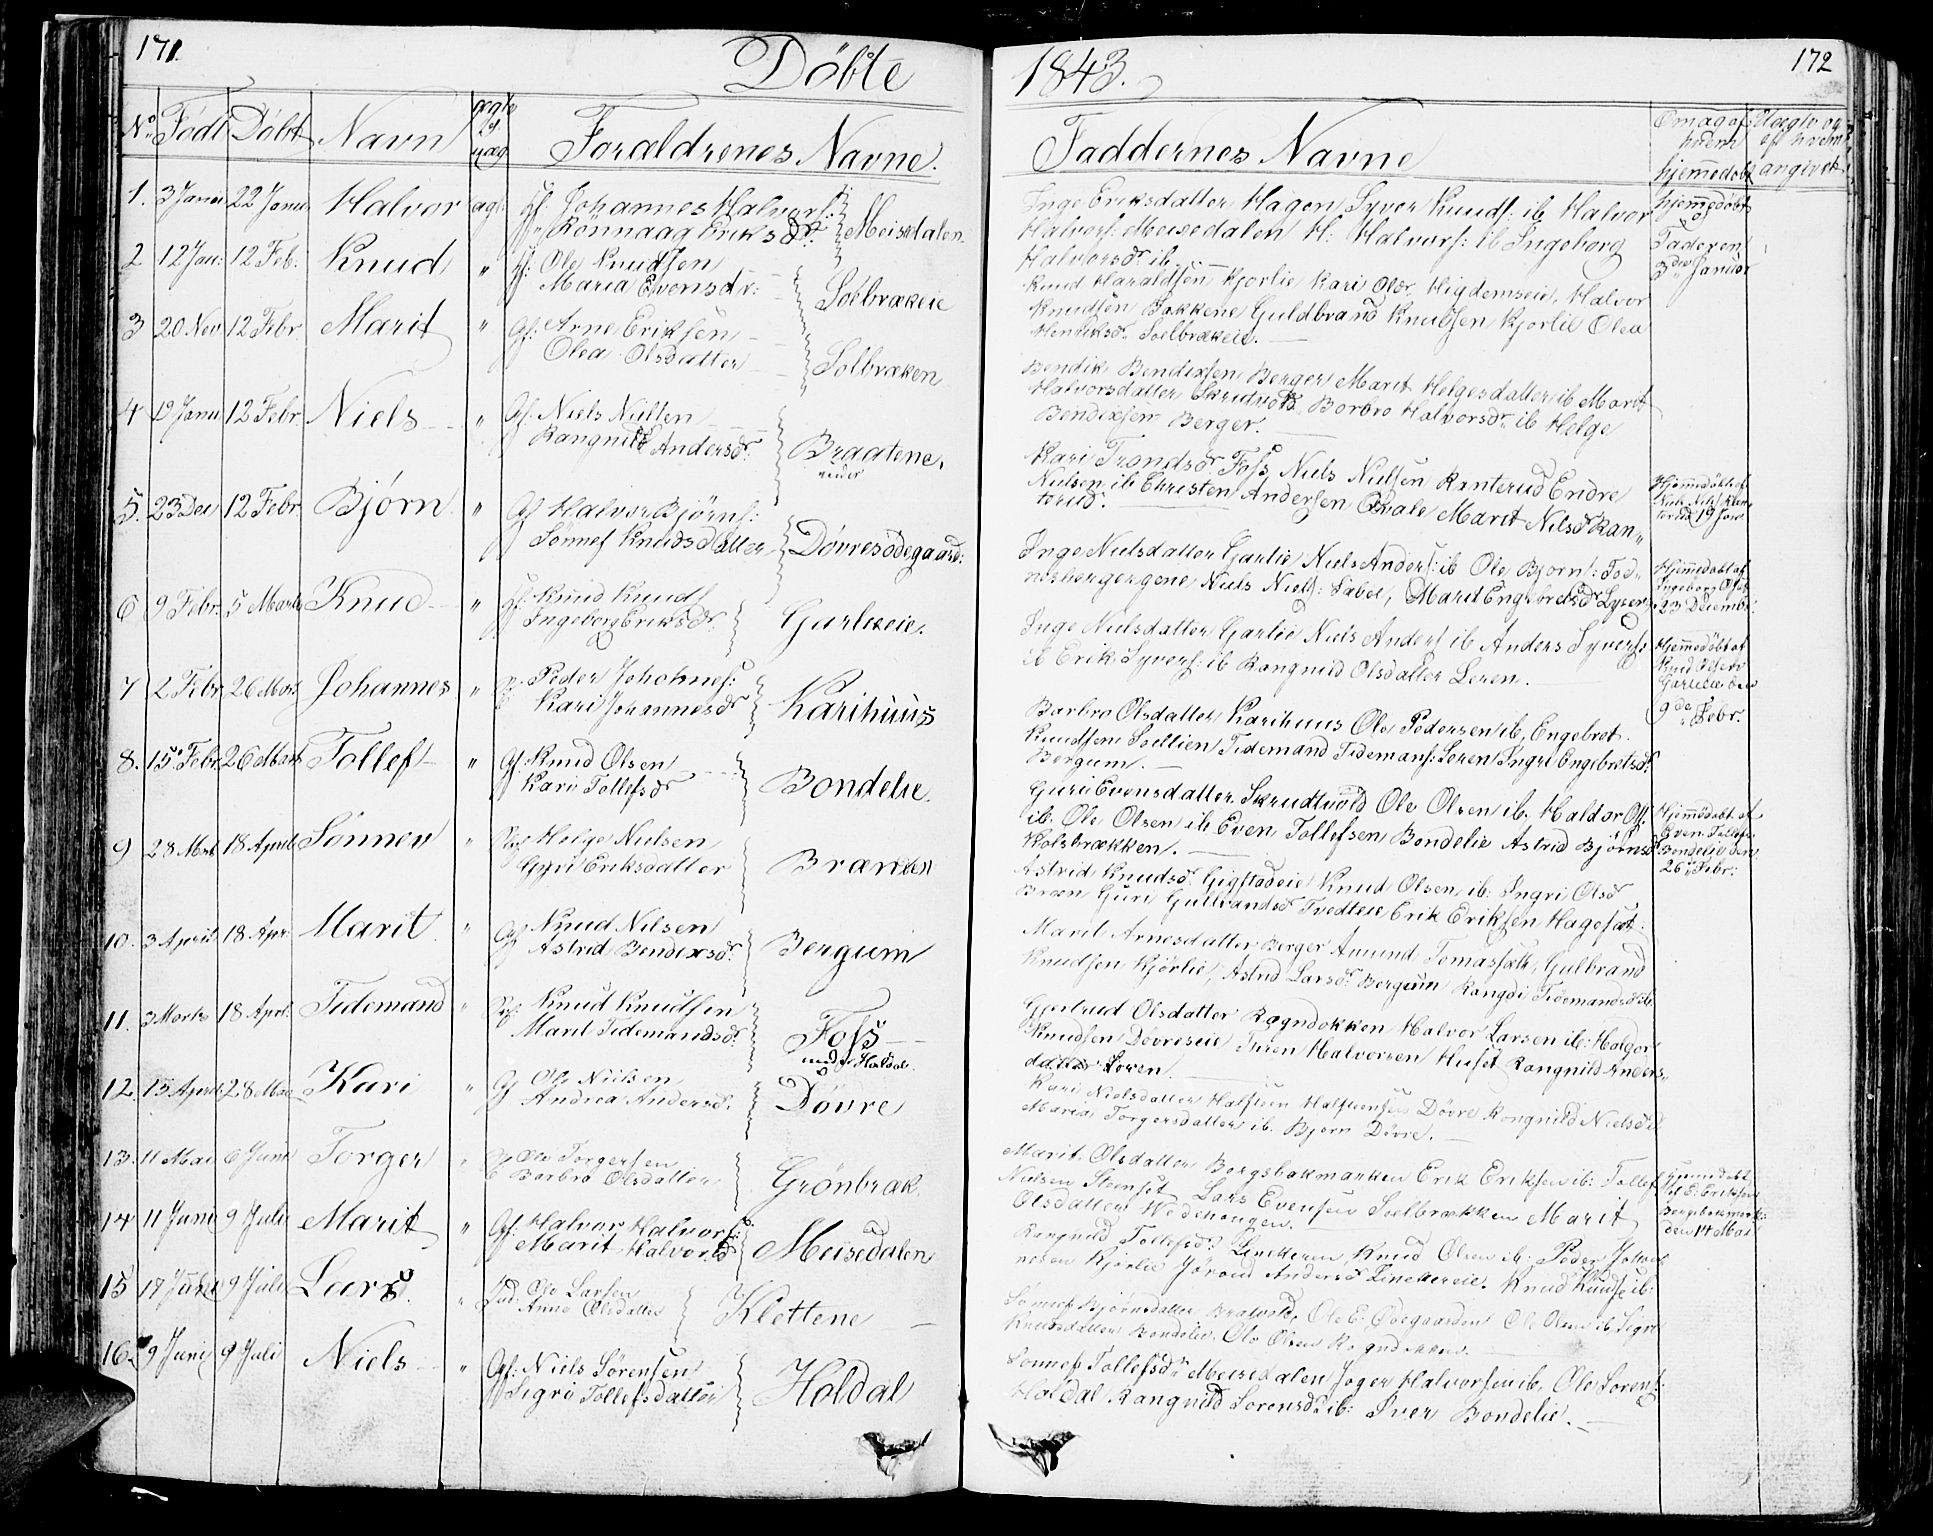 SAH, Nord-Aurdal prestekontor, Klokkerbok nr. 1, 1834-1887, s. 171-172